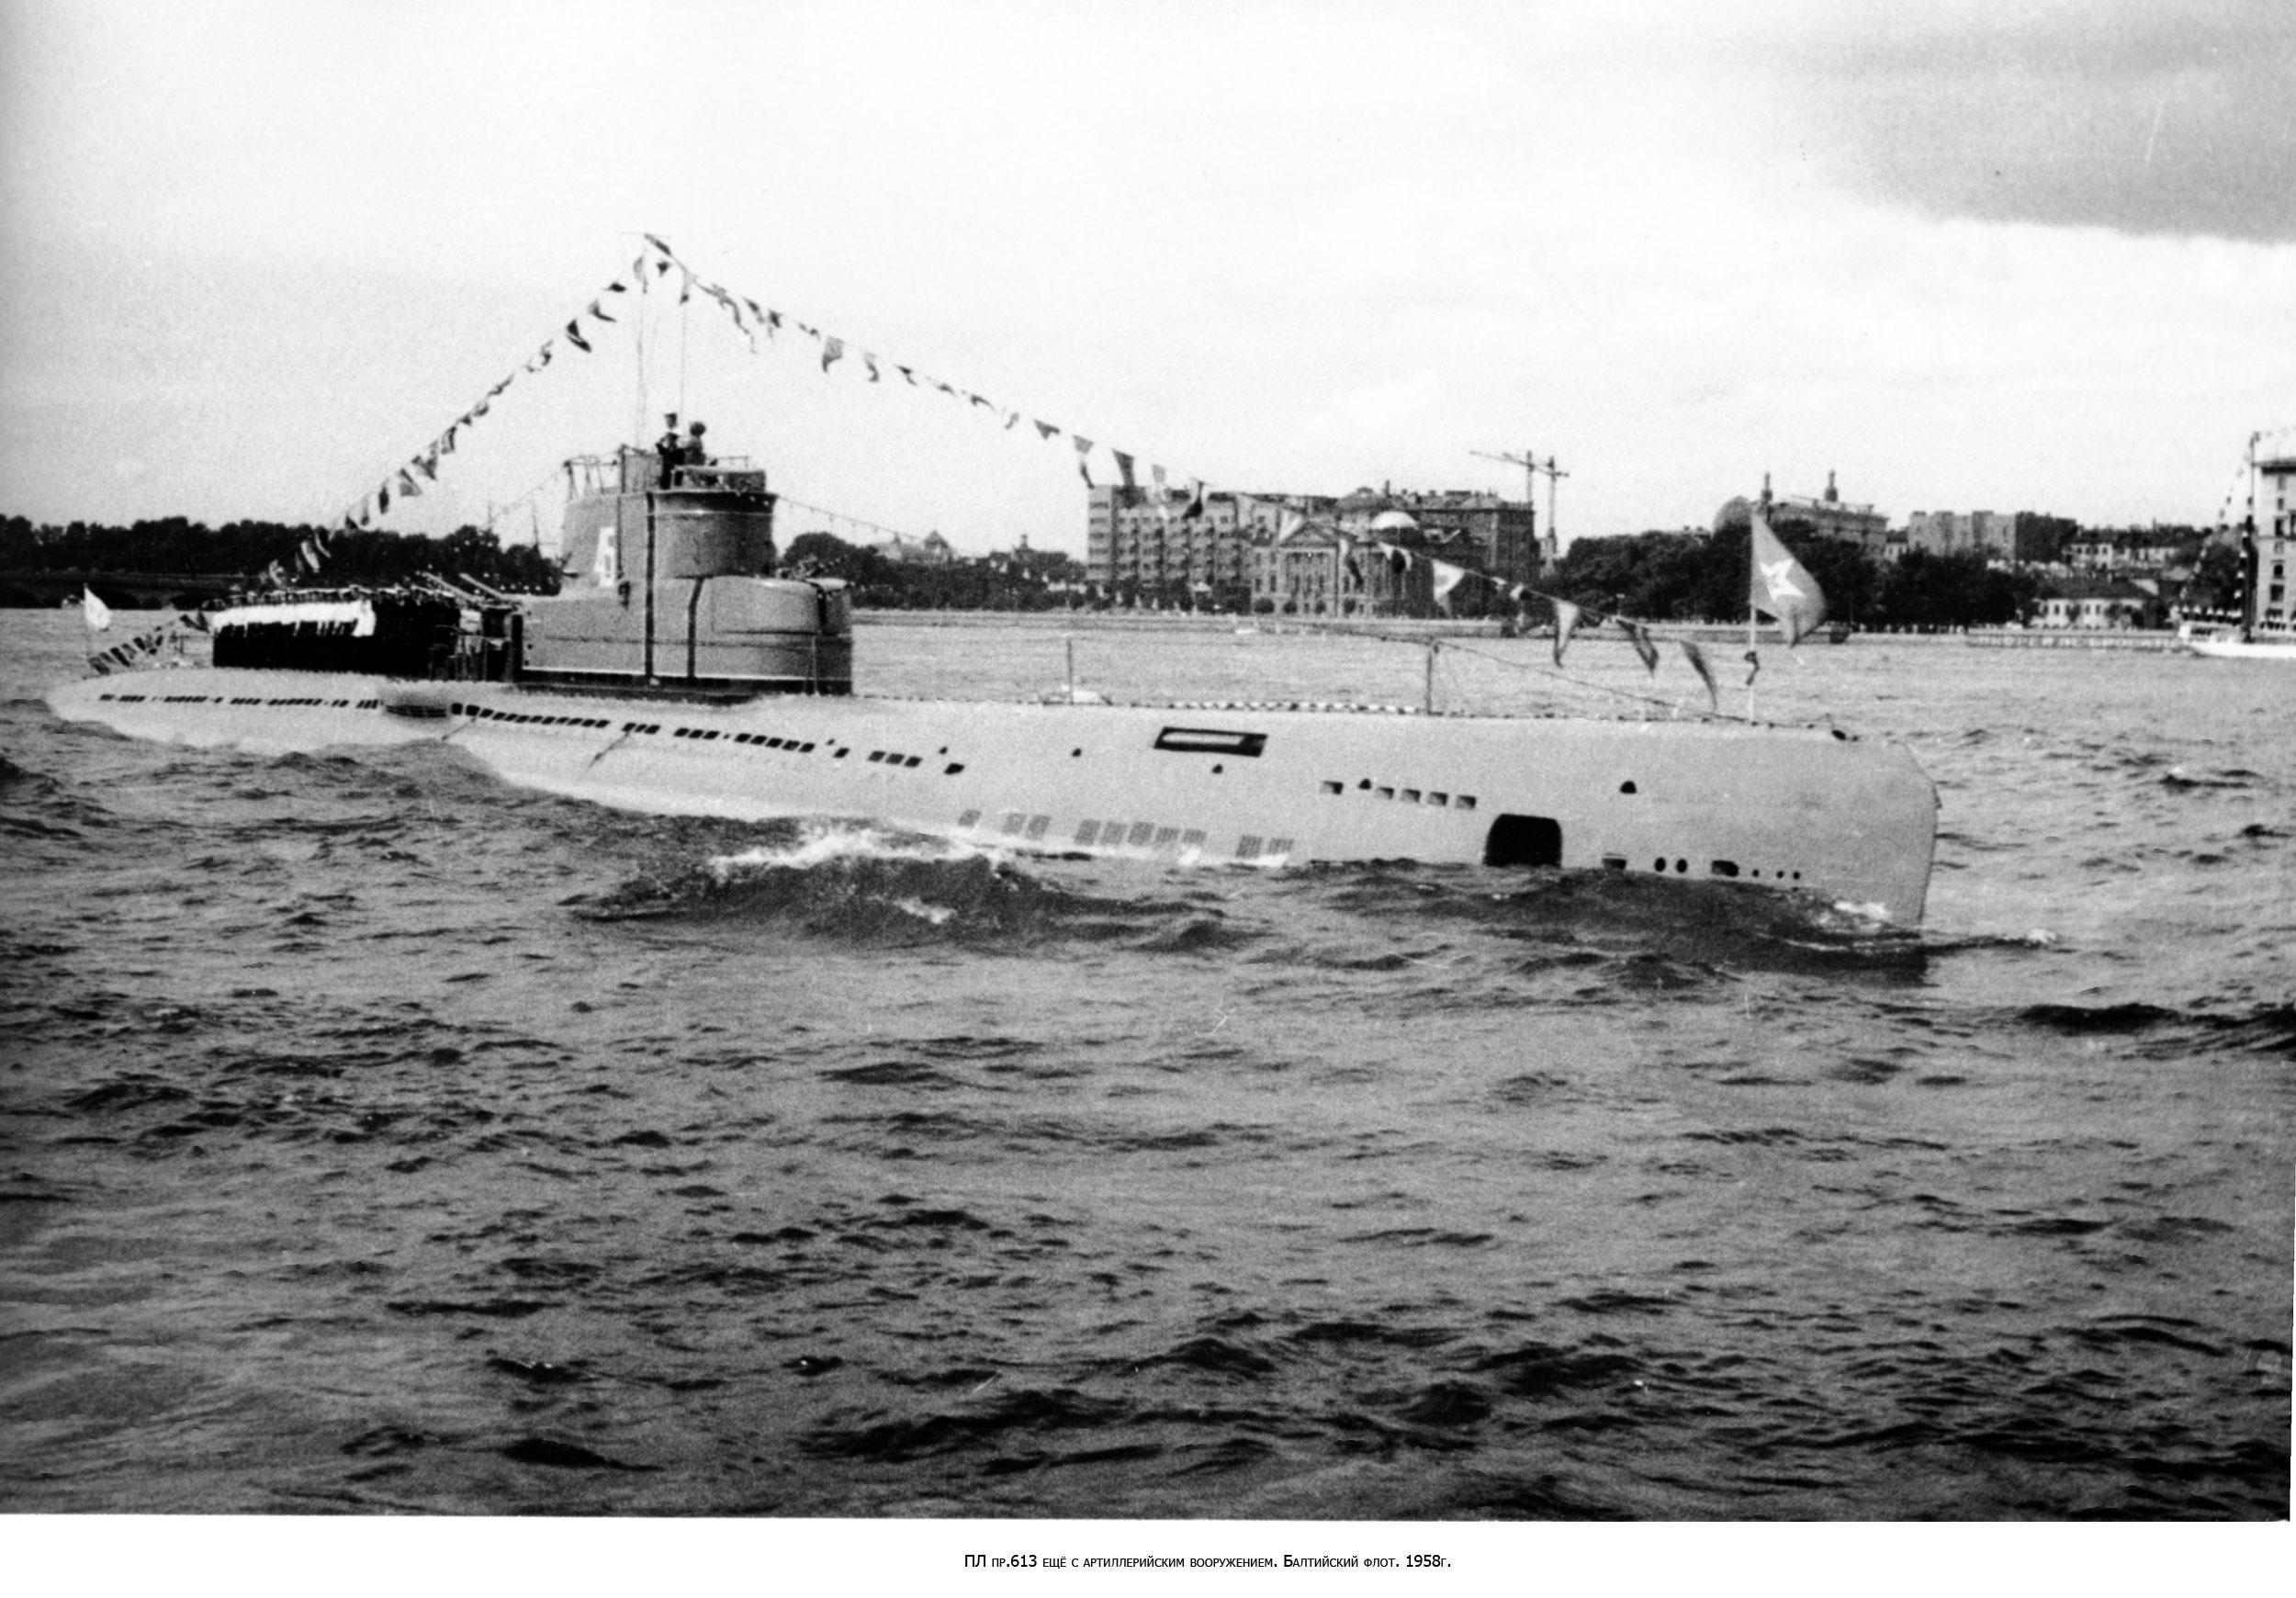 подводная лодка намотала на винт кабель